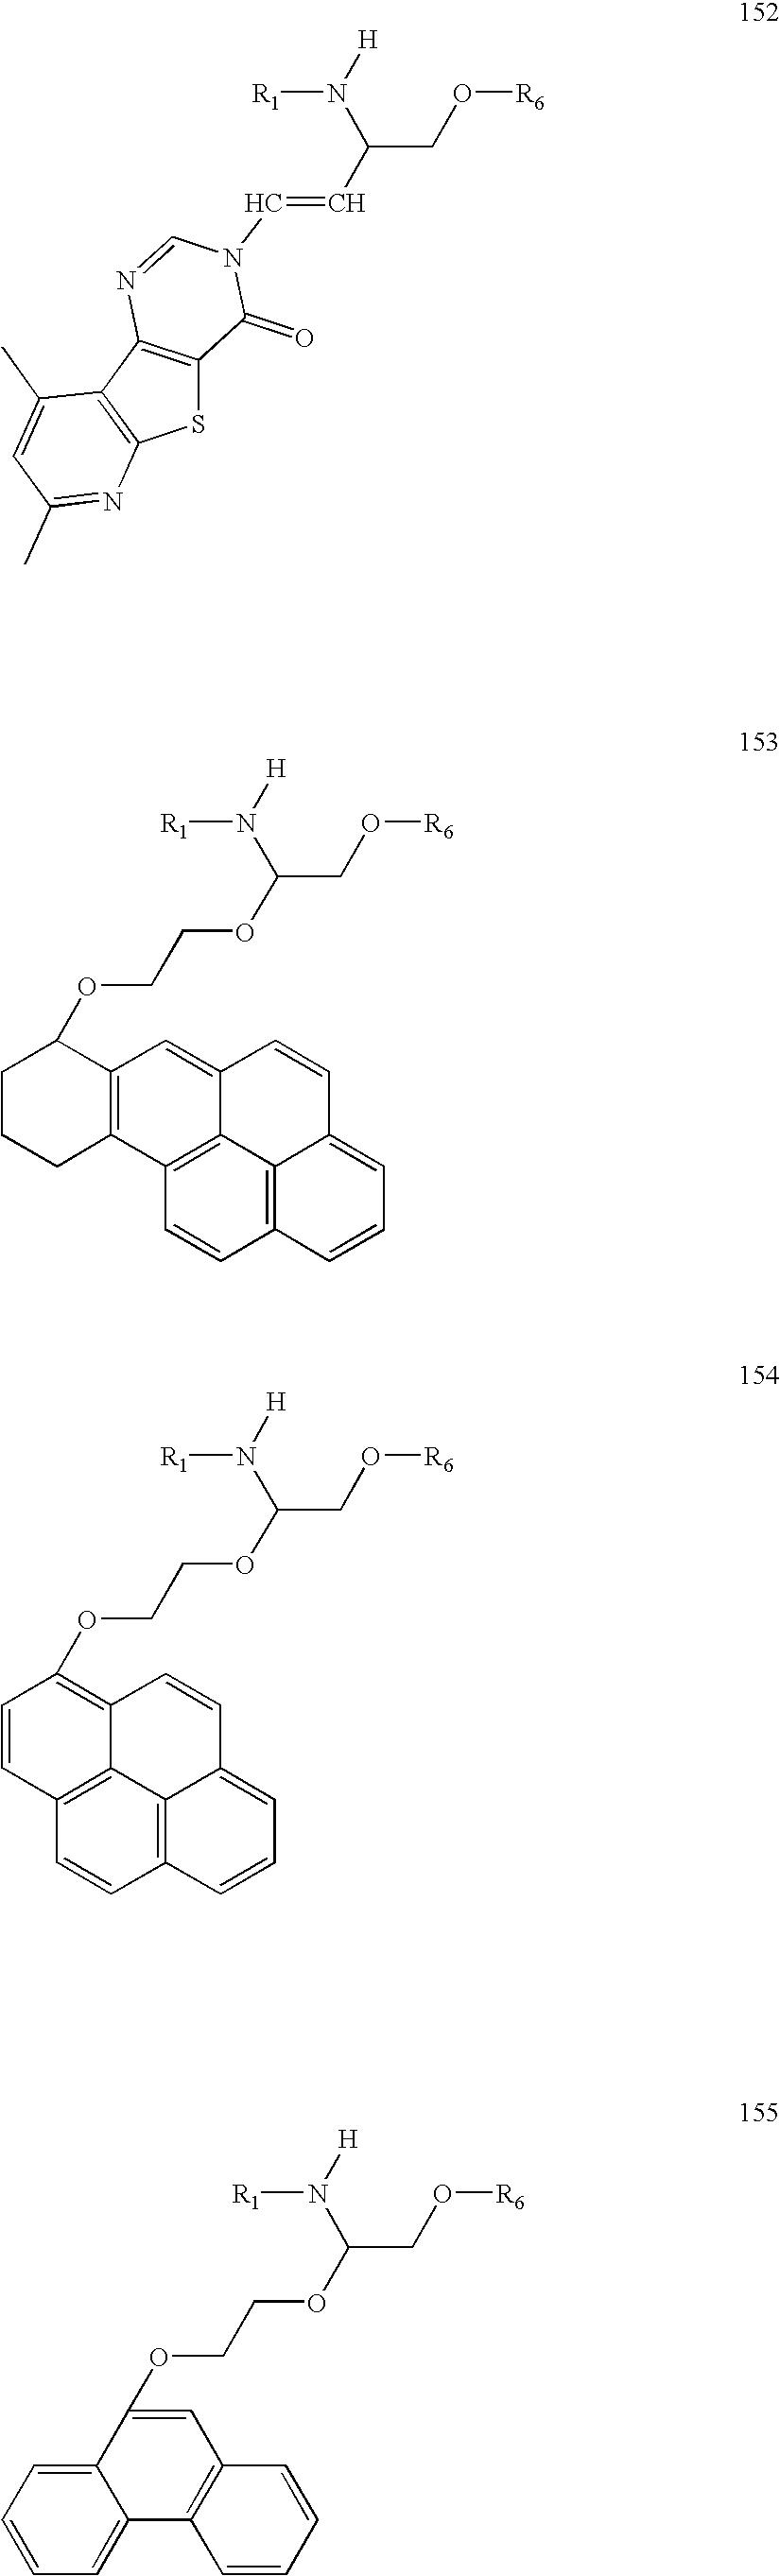 Figure US20060014144A1-20060119-C00121